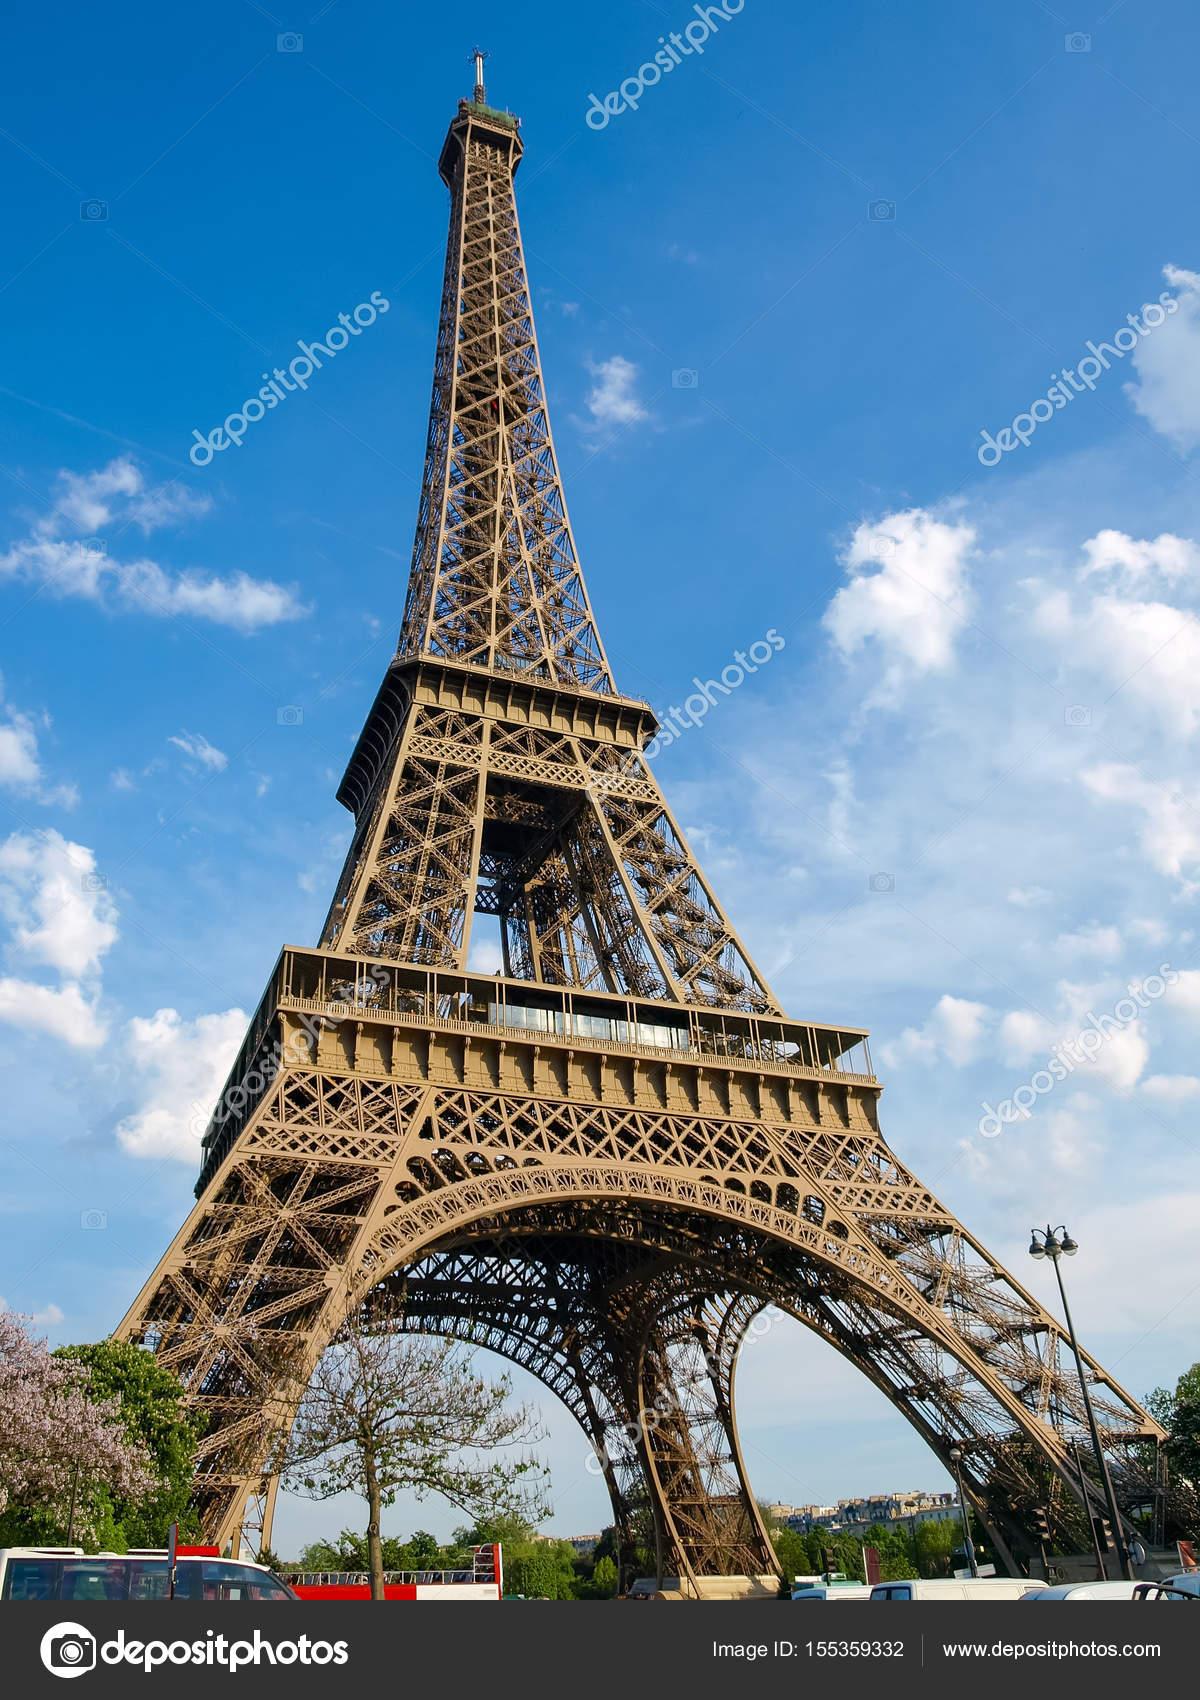 ansicht von unten auf den eiffelturm in paris stockfoto. Black Bedroom Furniture Sets. Home Design Ideas